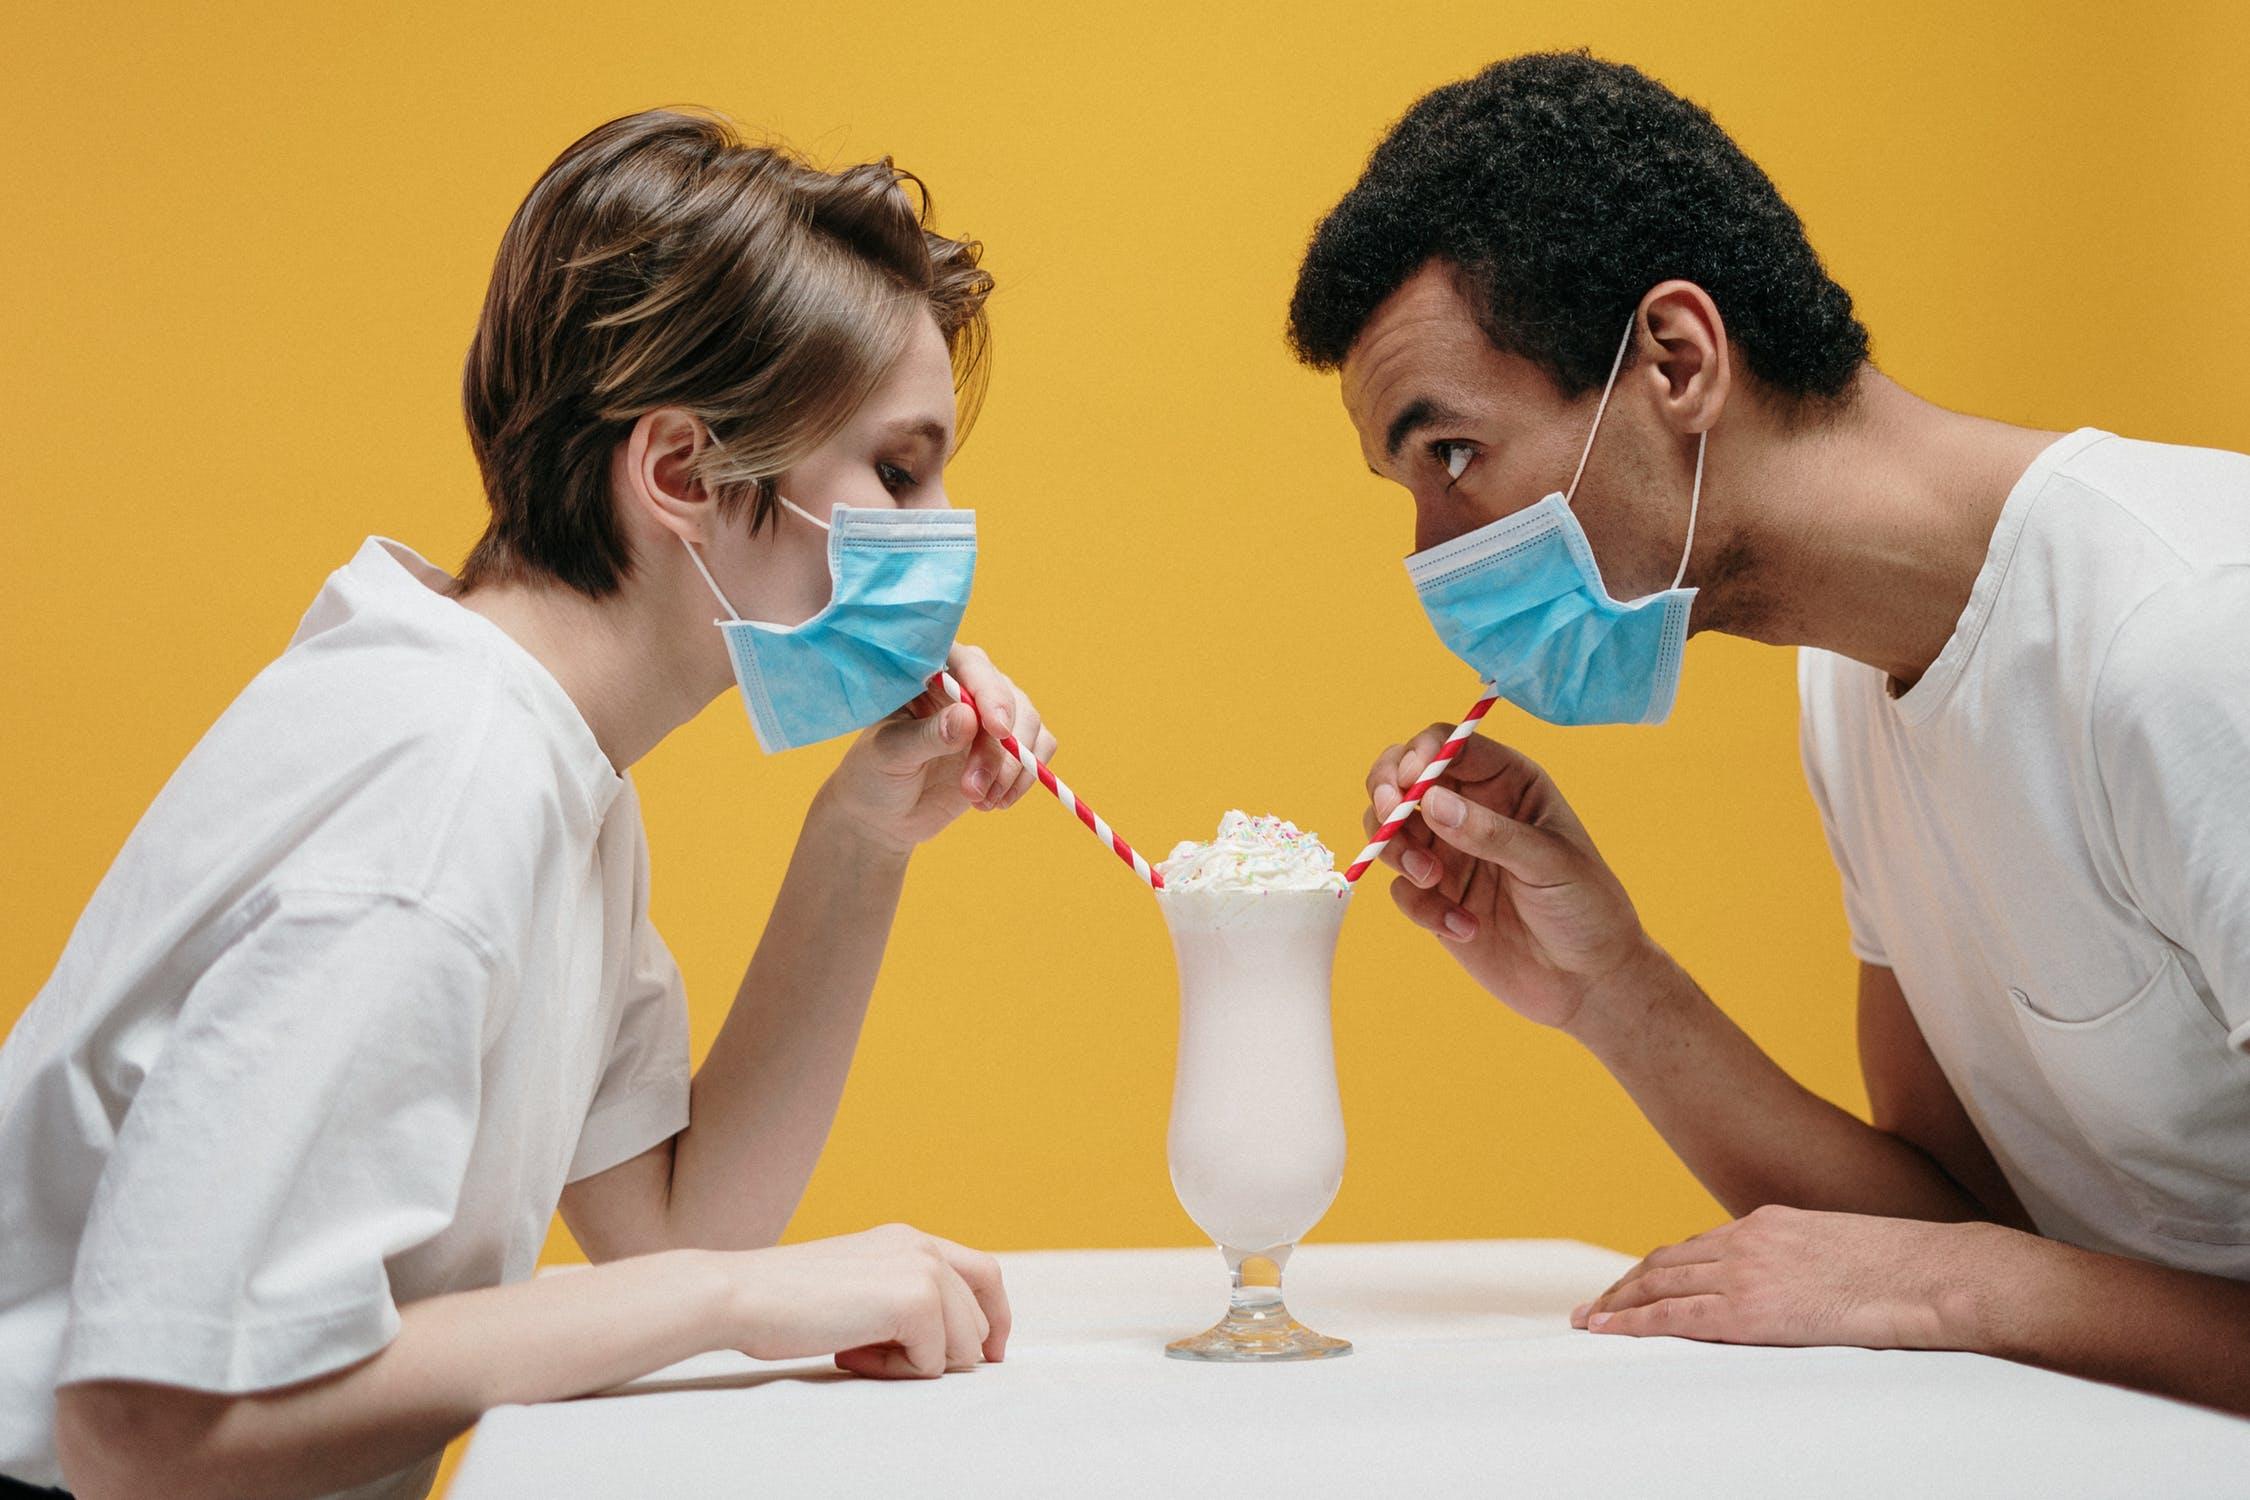 Coronavirus: Cosas que NO debes hacer durante la cuarentena (evítalas a toda costa)